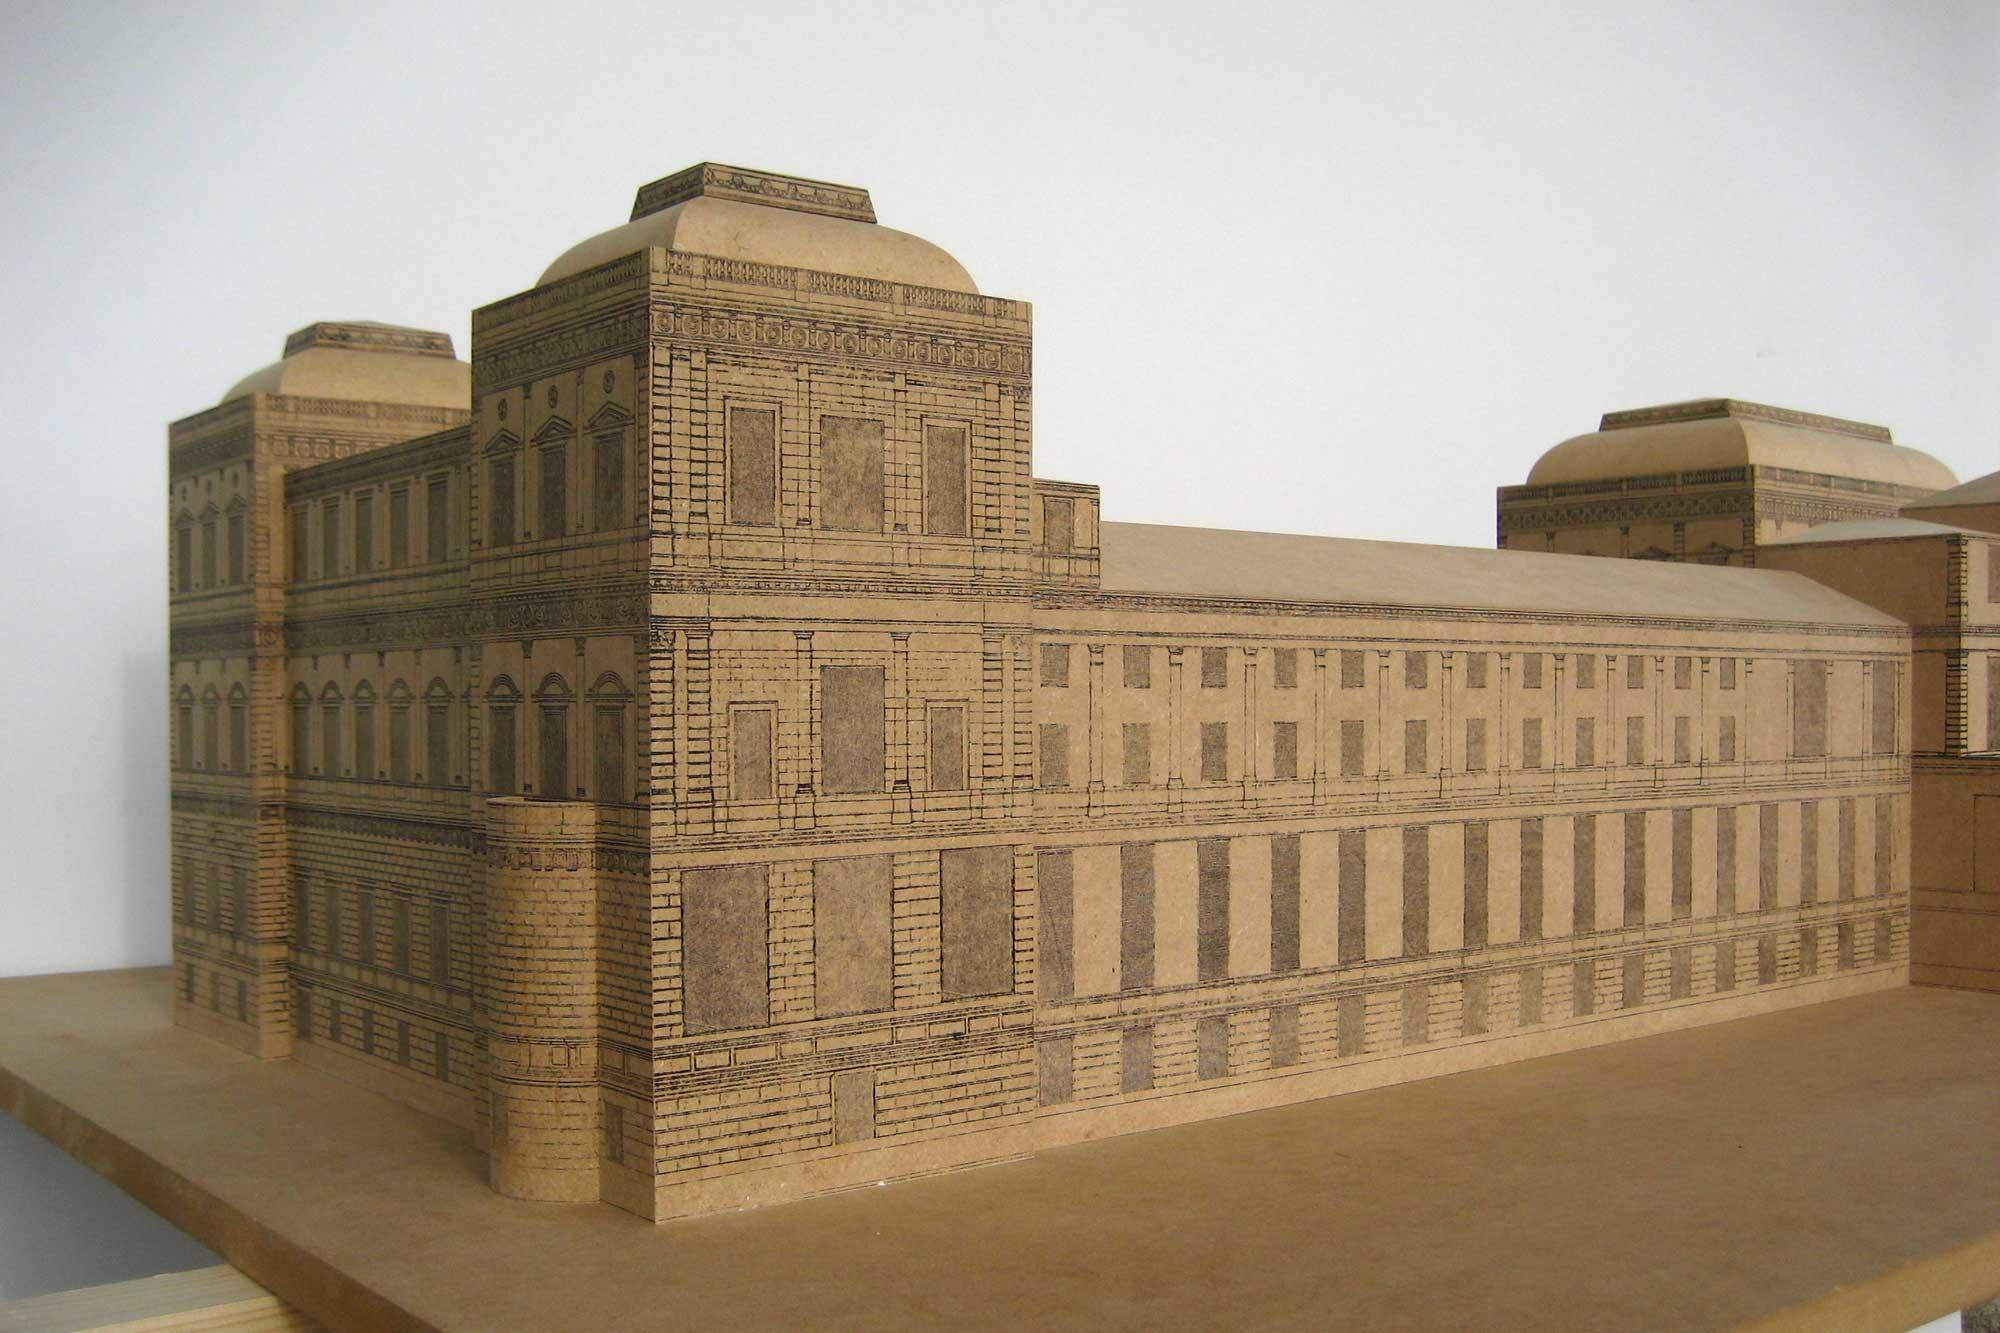 Architekturmodell der Akademie der Bildenden Künste München - Gartenseite